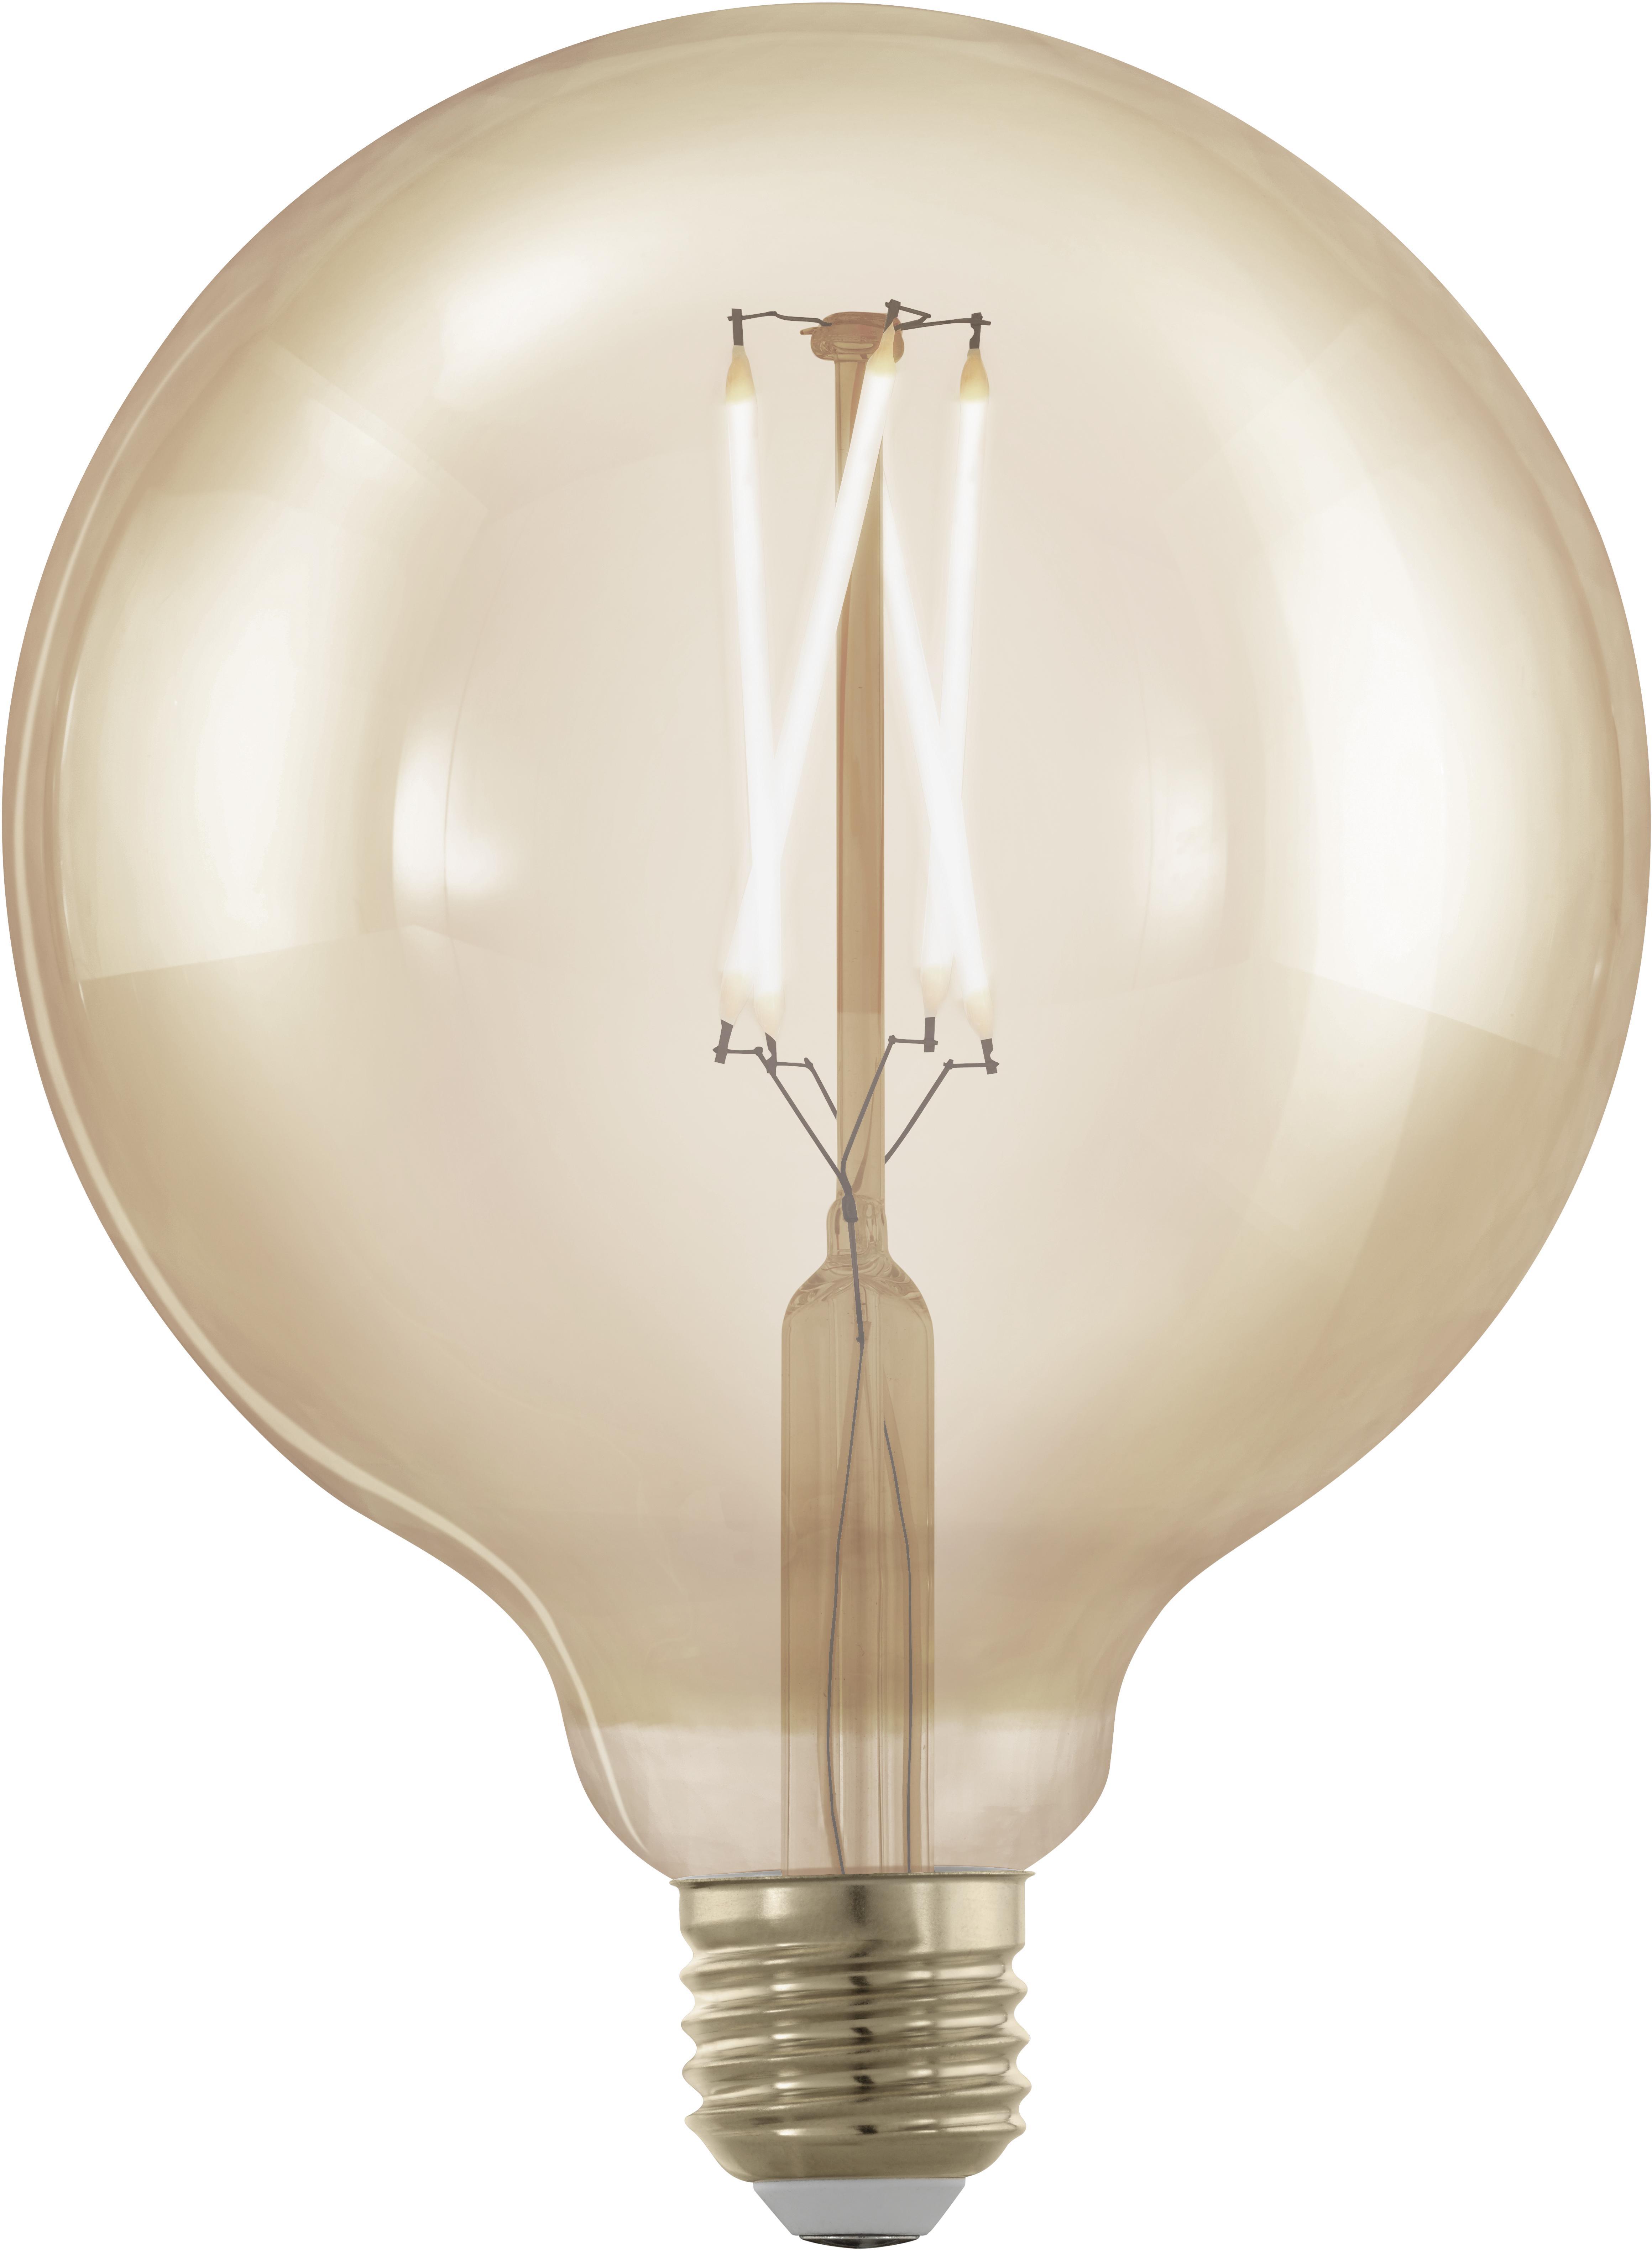 Bombillas XL LED Cross (E27/4W),5uds., Ampolla: vidrio, Casquillo: aluminio, Transparente, ámbar, Ø 13 x Al 17 cm